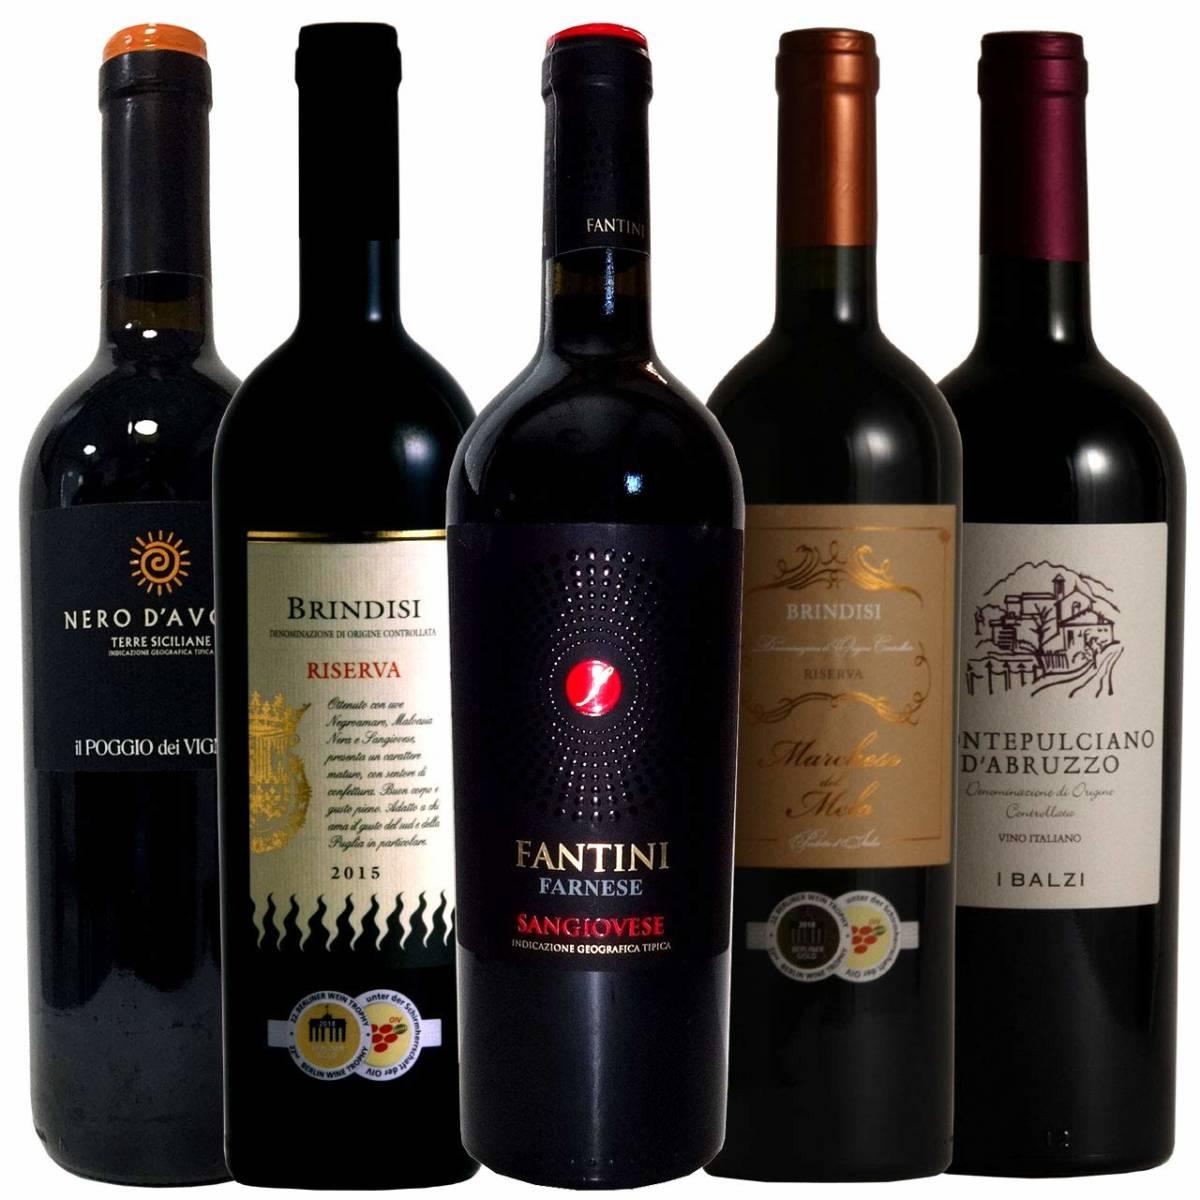 厳選イタリア赤ワイン イタリア名家飲み比べ ソムリエ厳選ワインセット 赤ワイン 750ml 5本_画像1